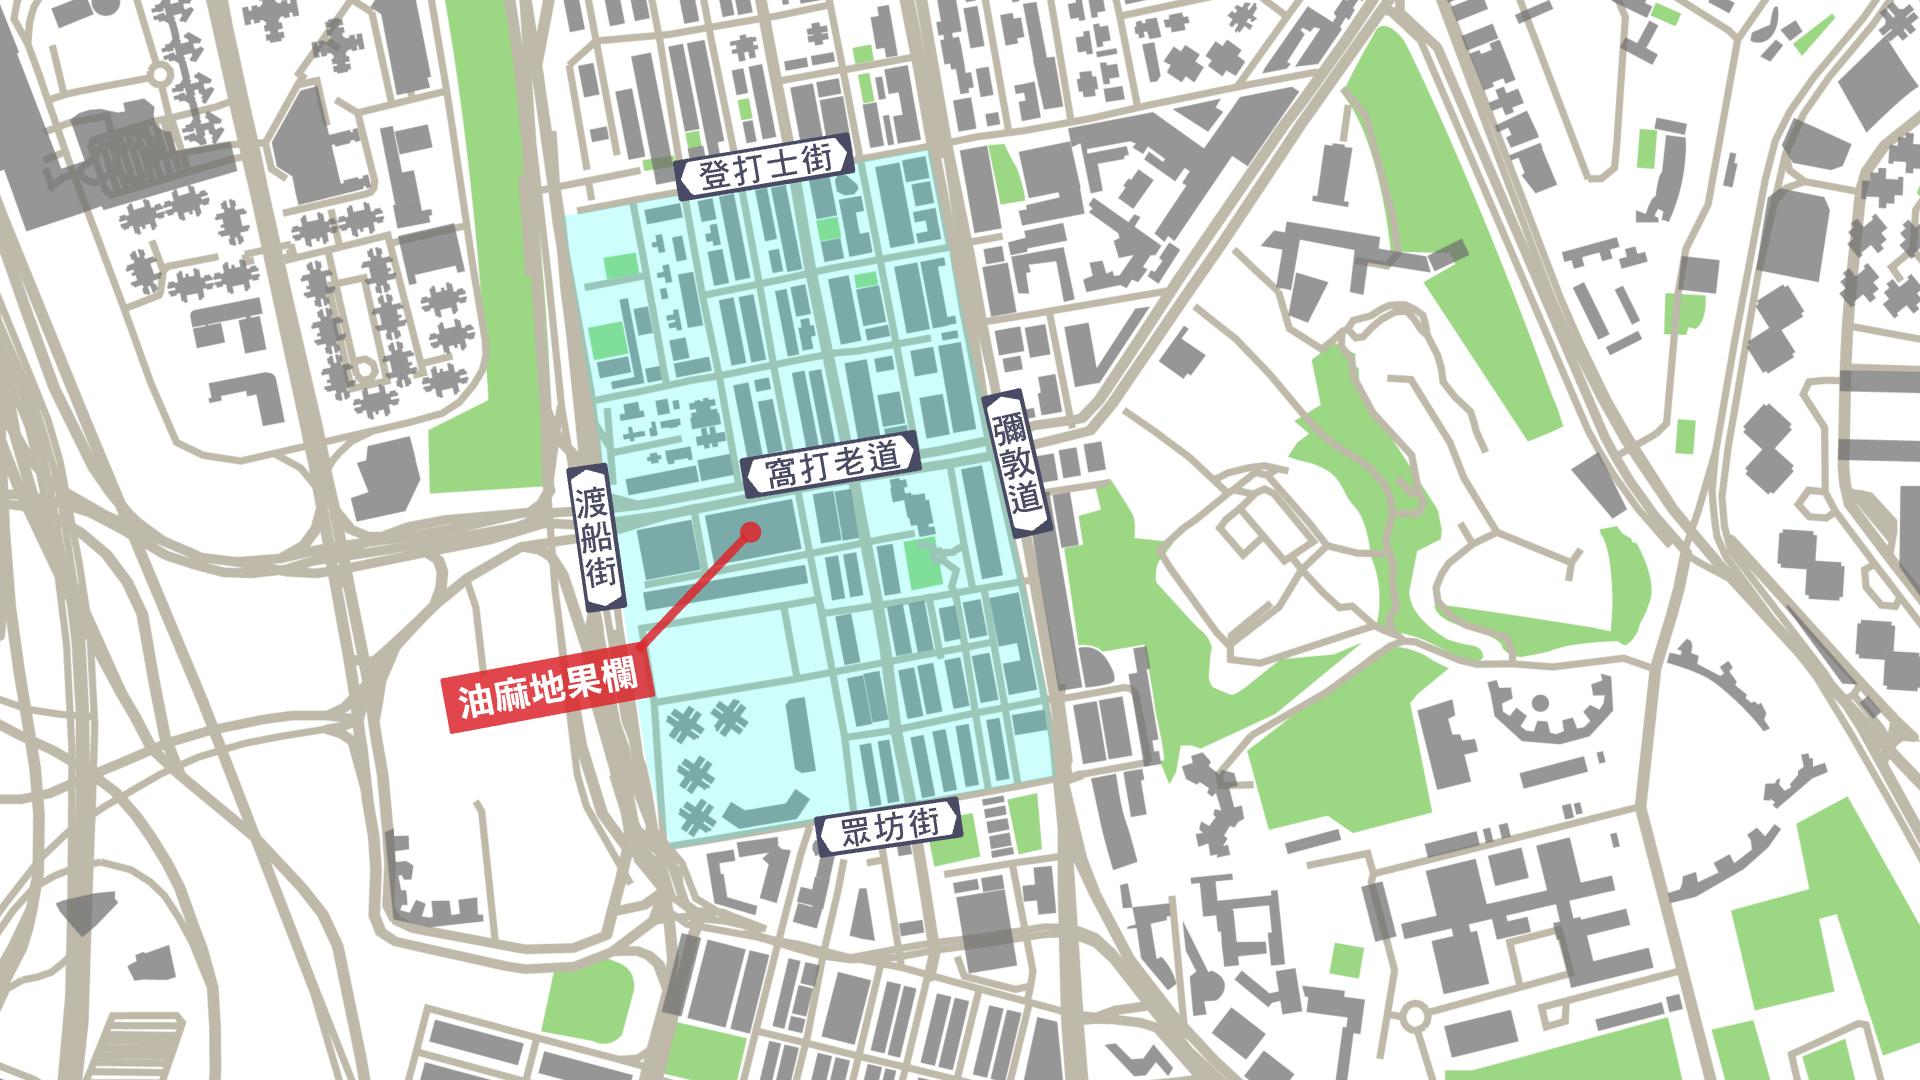 【持續更新‧附互動地圖】新型冠狀病毒指定檢測區域一覽